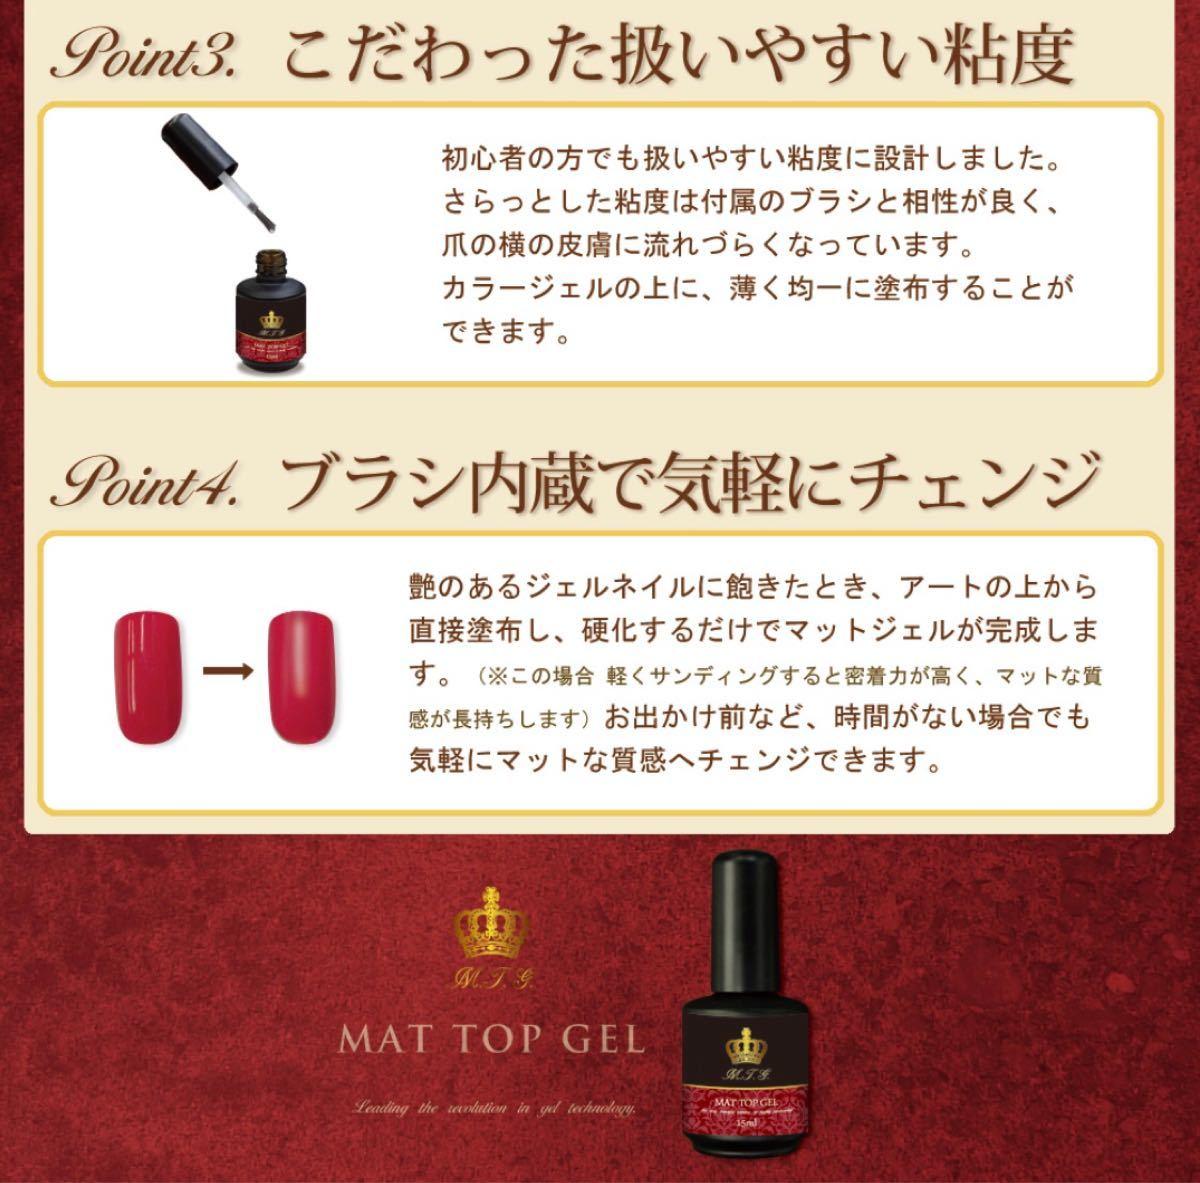 【ジェルネイル】【プロ仕様】ノンワイプトップ&マットトップジェル